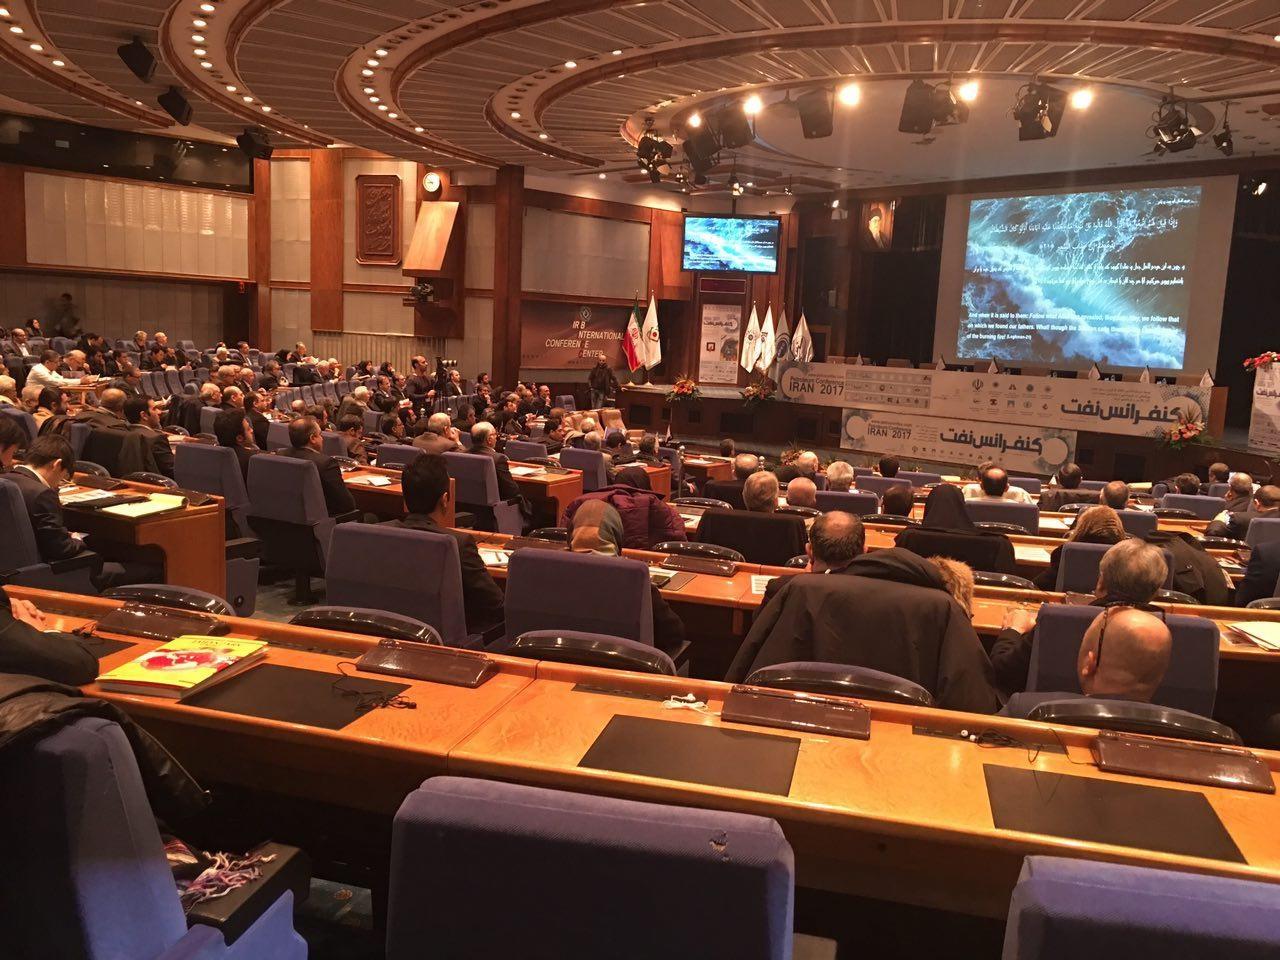 آغاز به کار اولین کنفرانس نفت در تهران